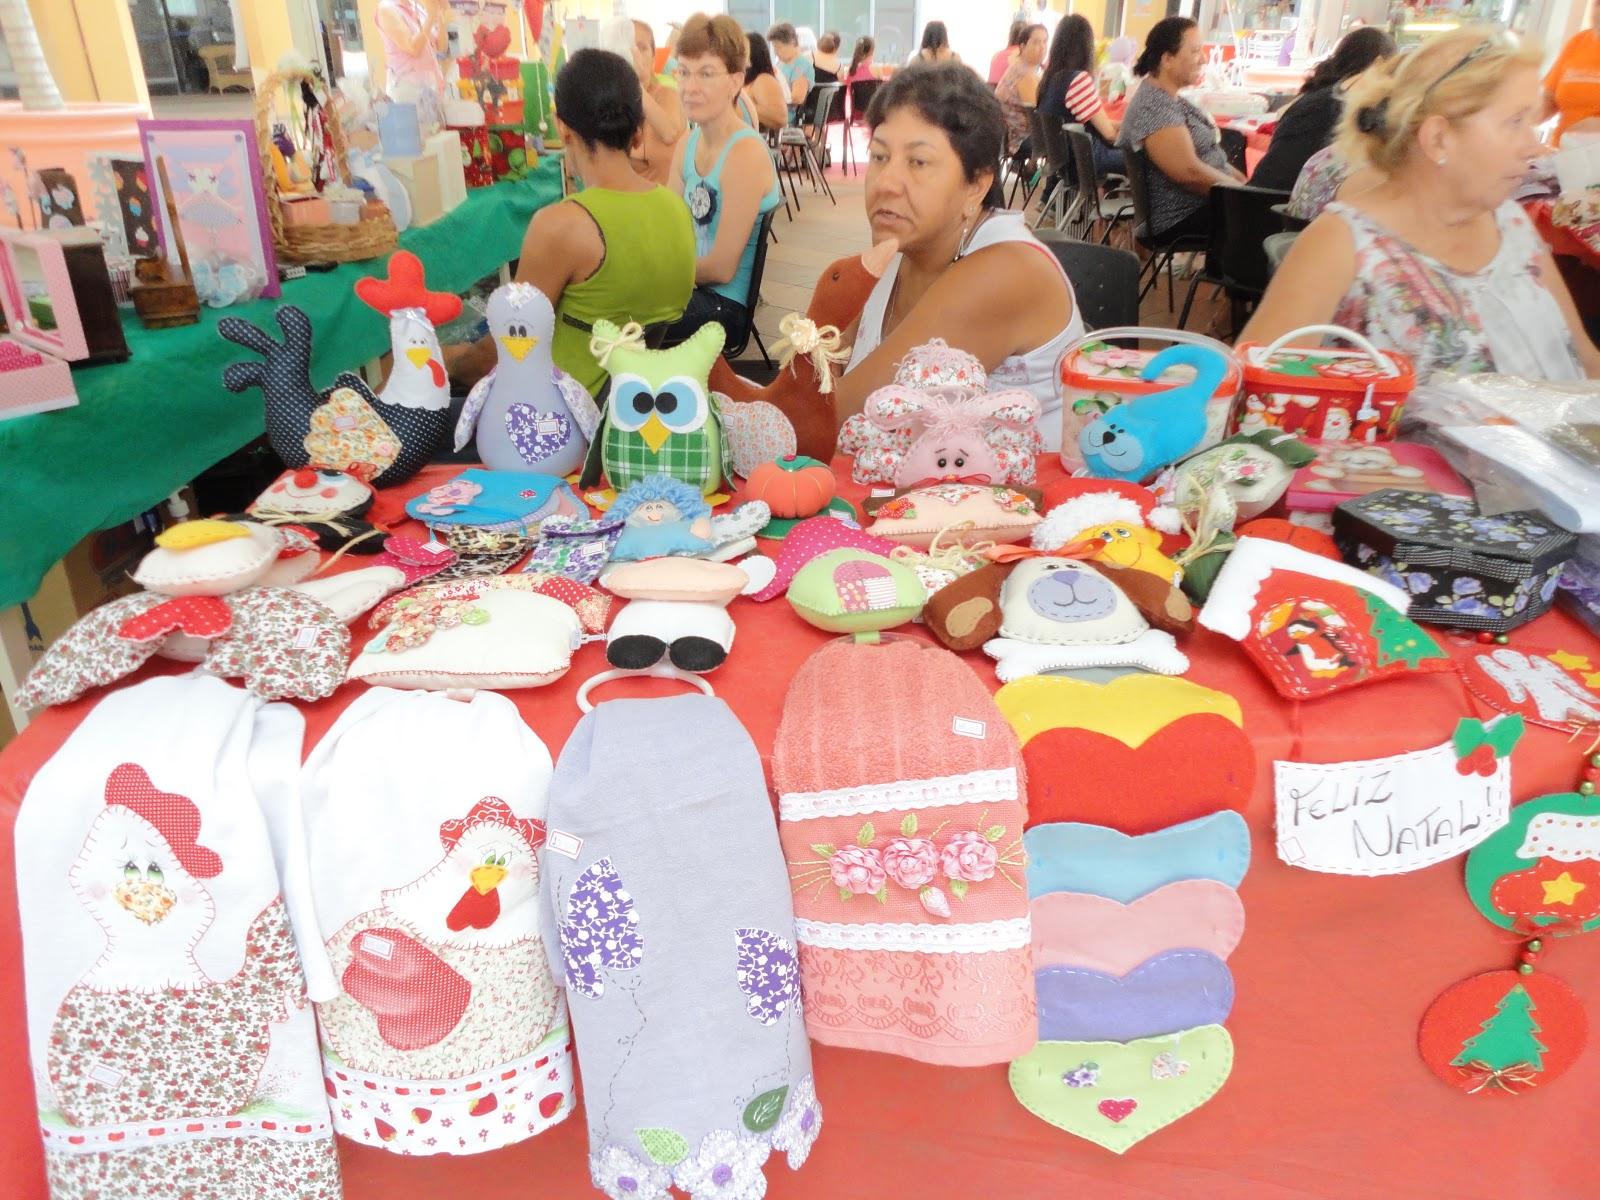 Aparador Embaixo Da Tv ~ Janela de Artes !!!! Feira de Artesanato Prefeitura de Sorocaba Dez 2012